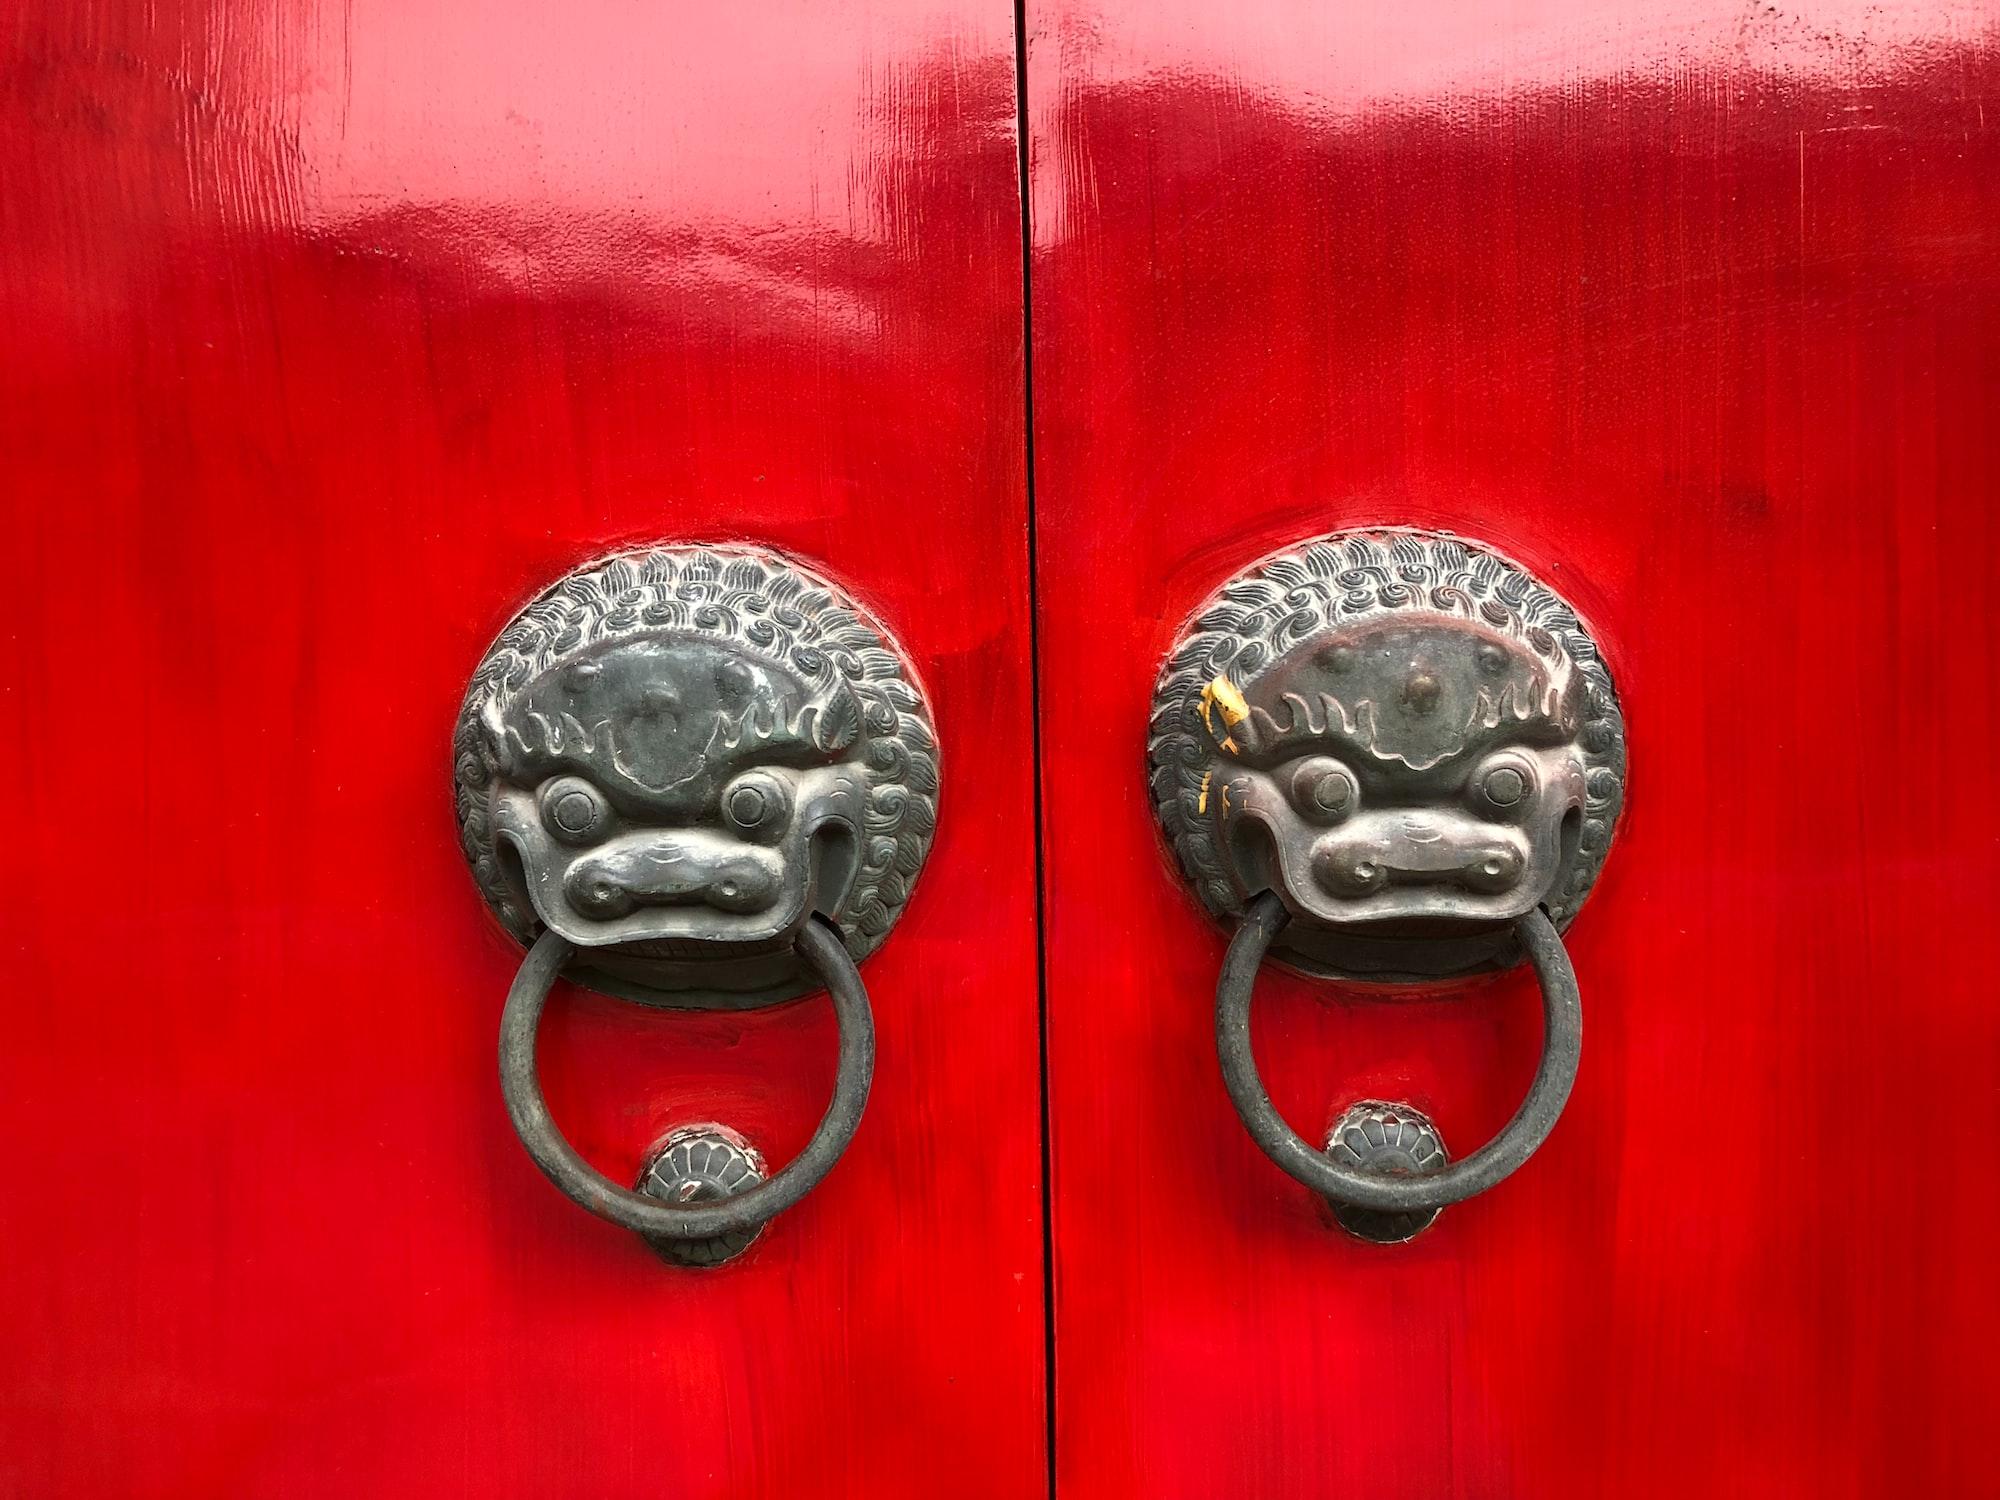 พี่จีนล้ำหน้า! ศาลประเทศแดนมังกรกำลังหันมาใช้ Blockchain